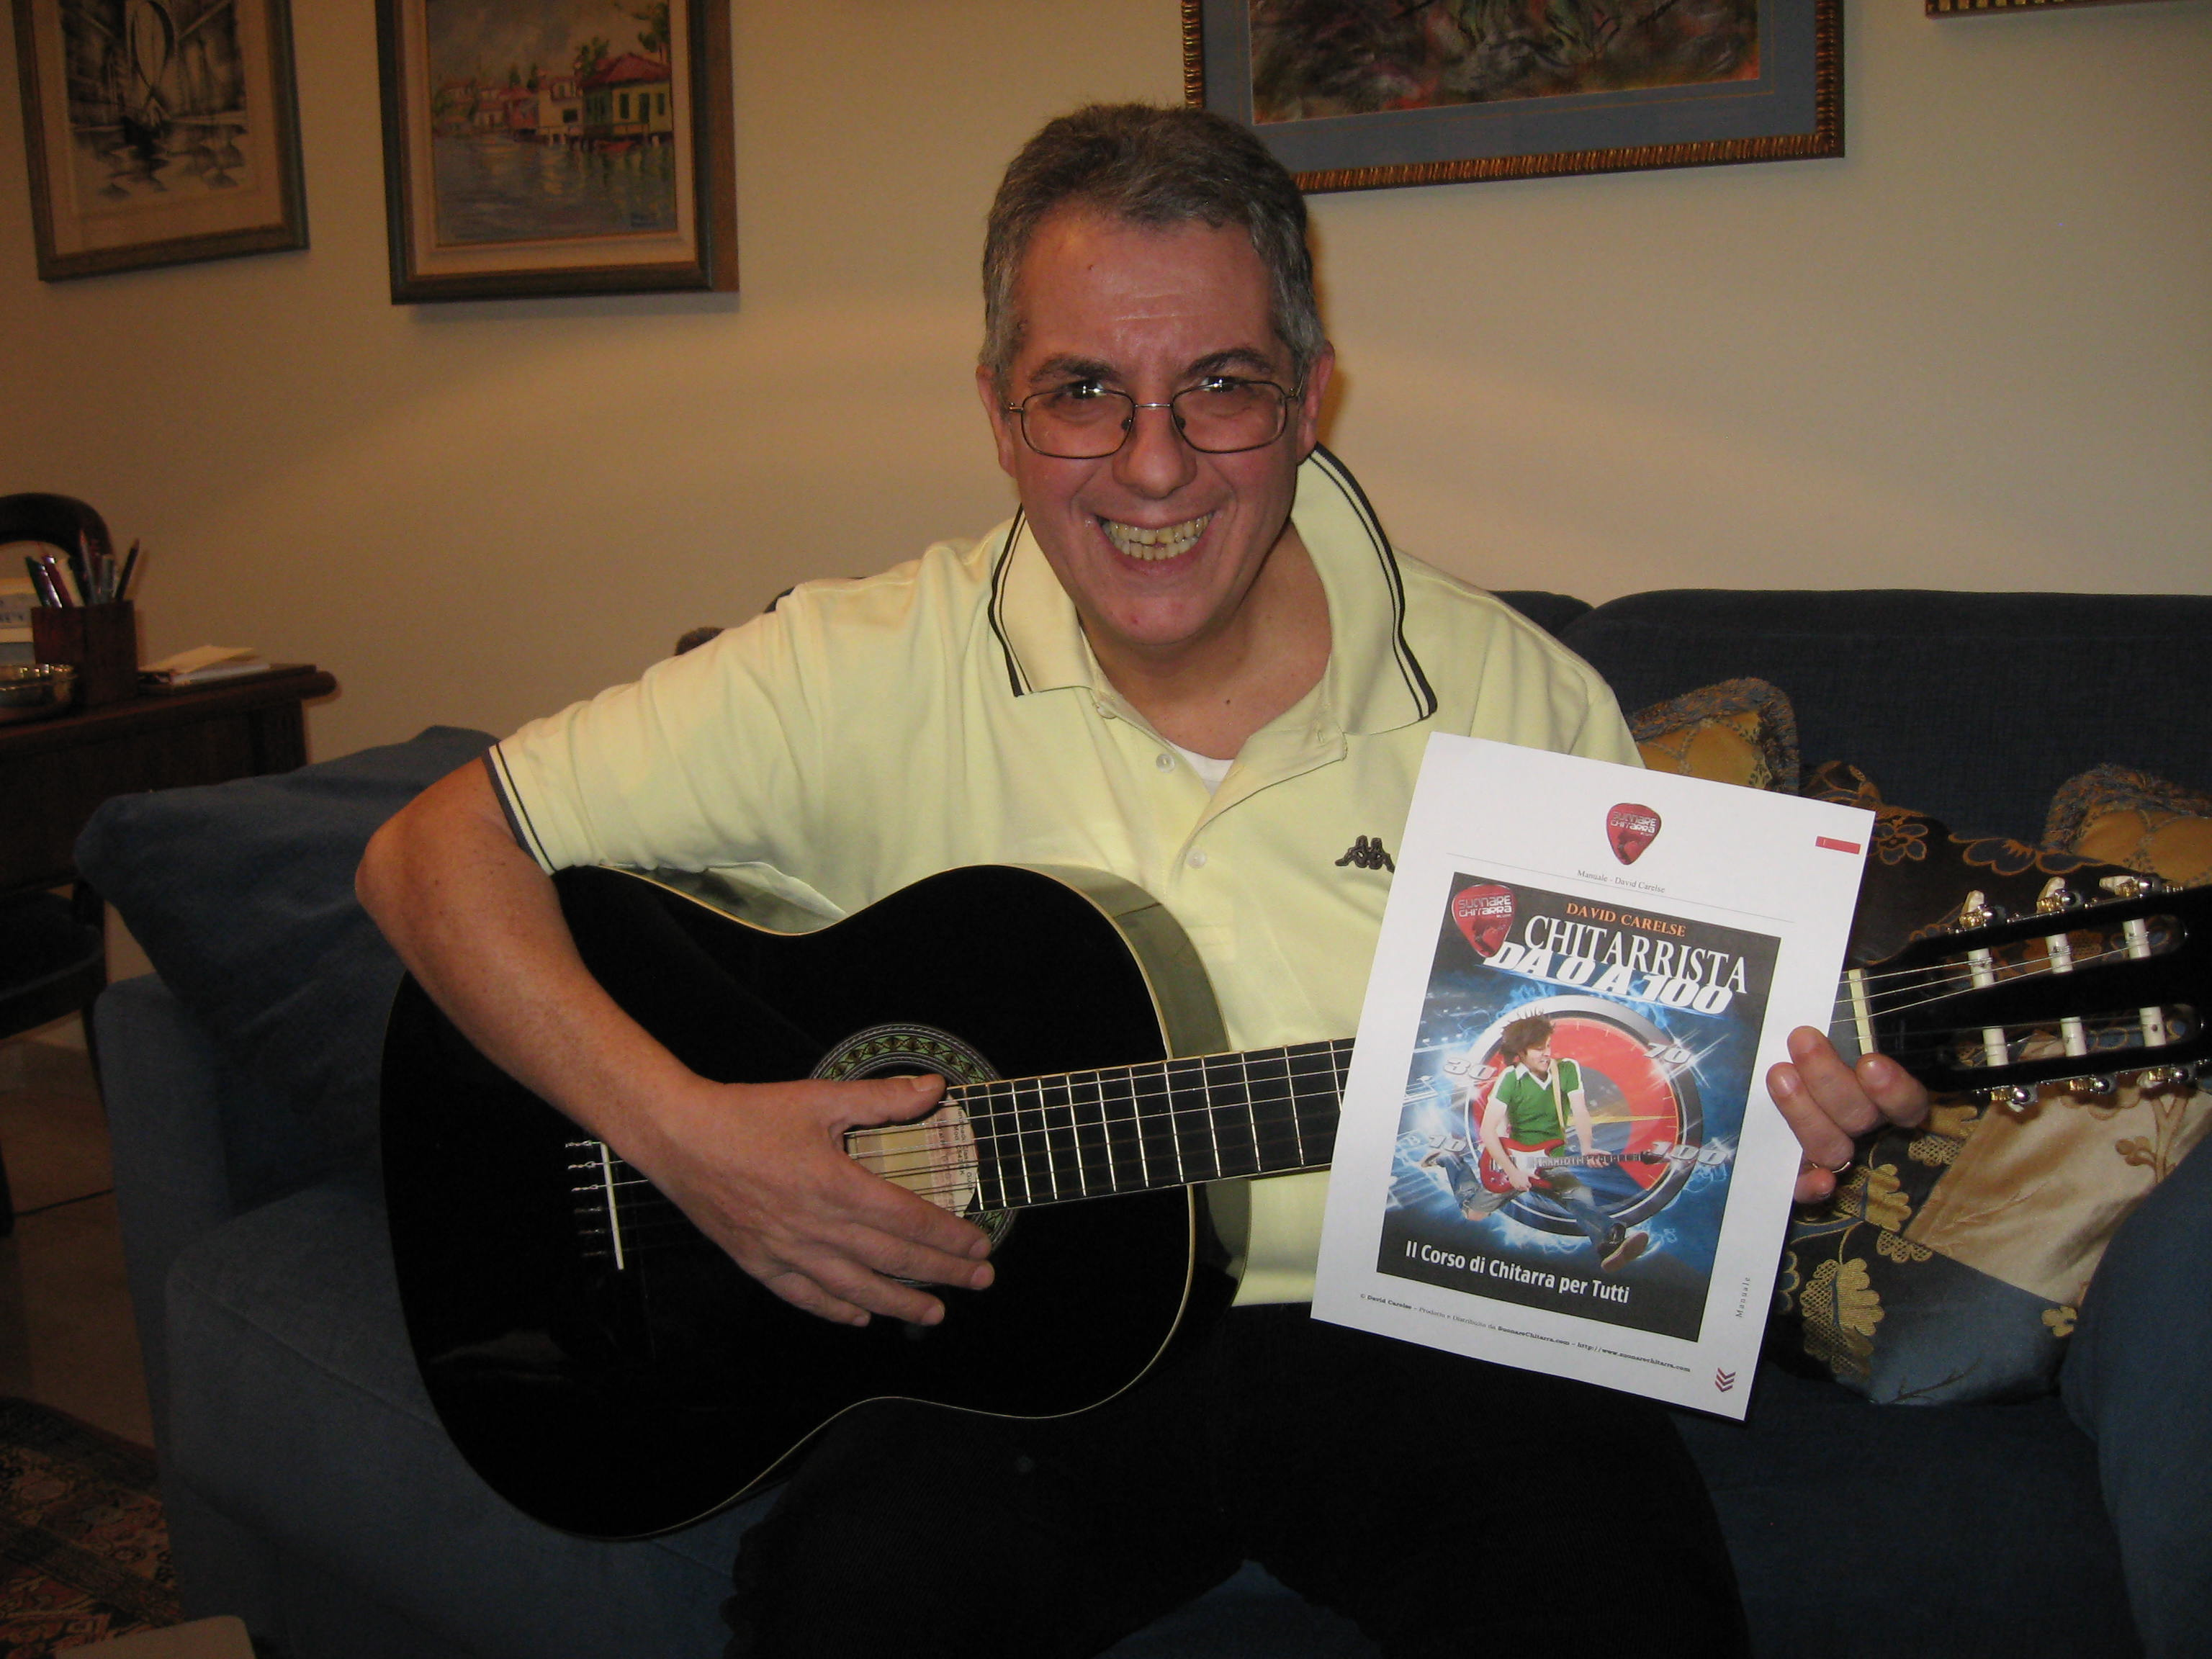 Fabrizio Fregnan